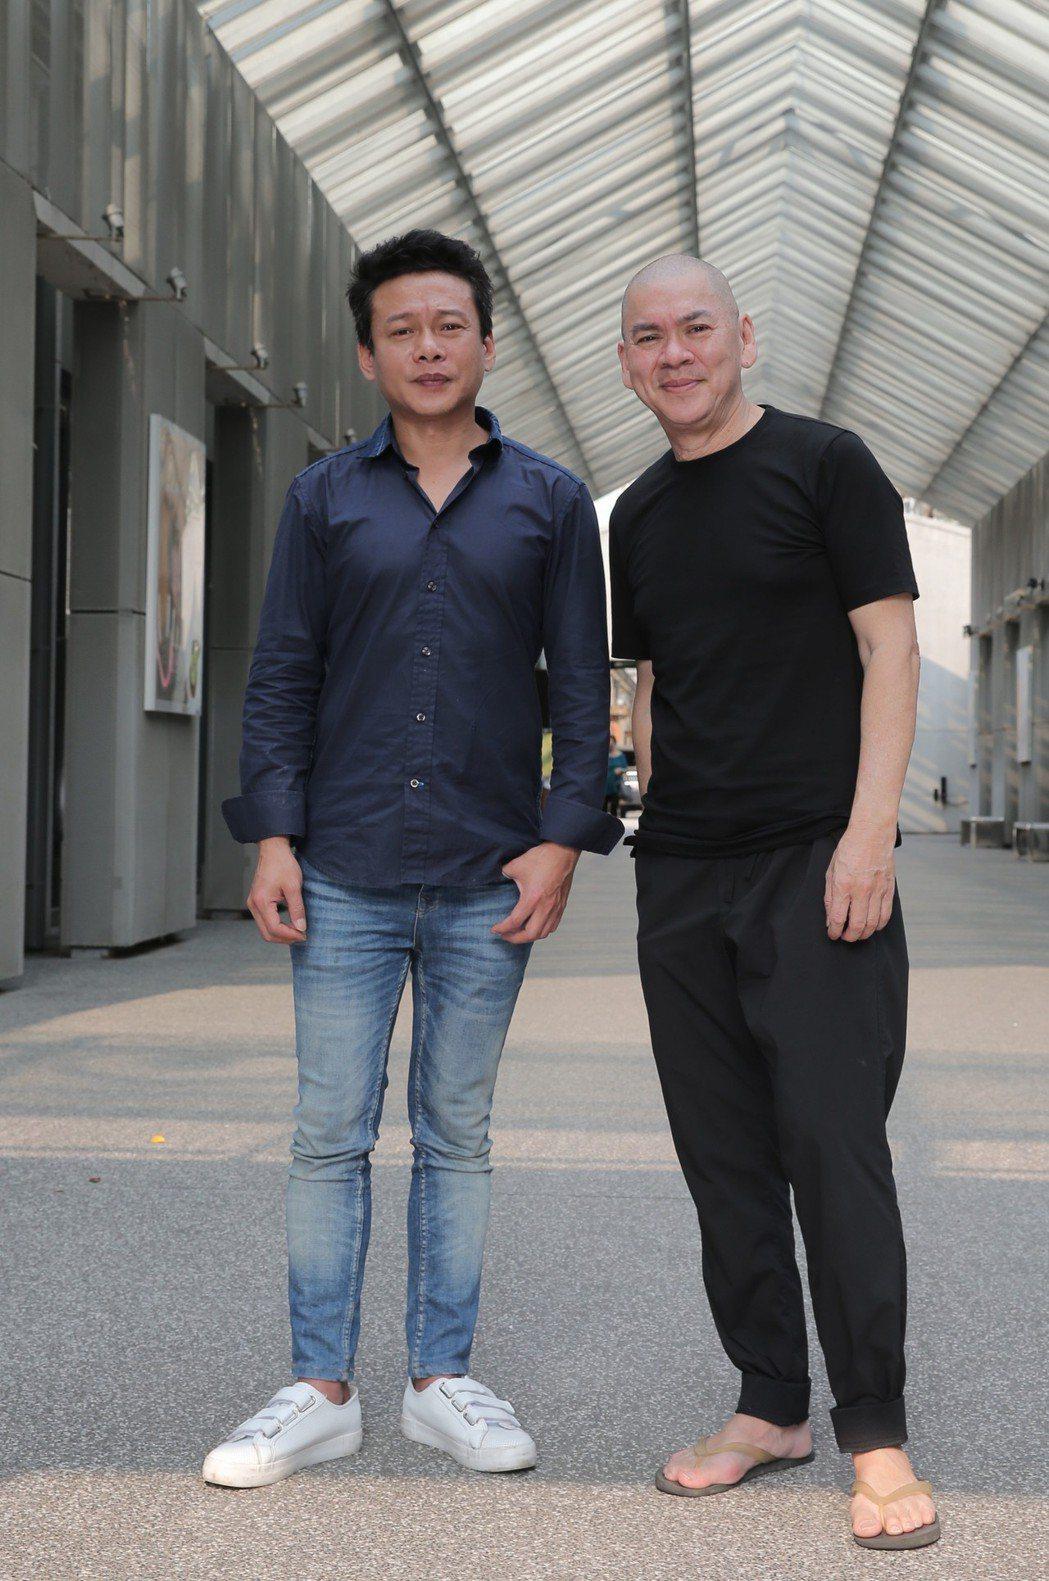 電影「你的臉」導演蔡明亮(右)、主角李康生,聯訪 。記者林俊良/攝影